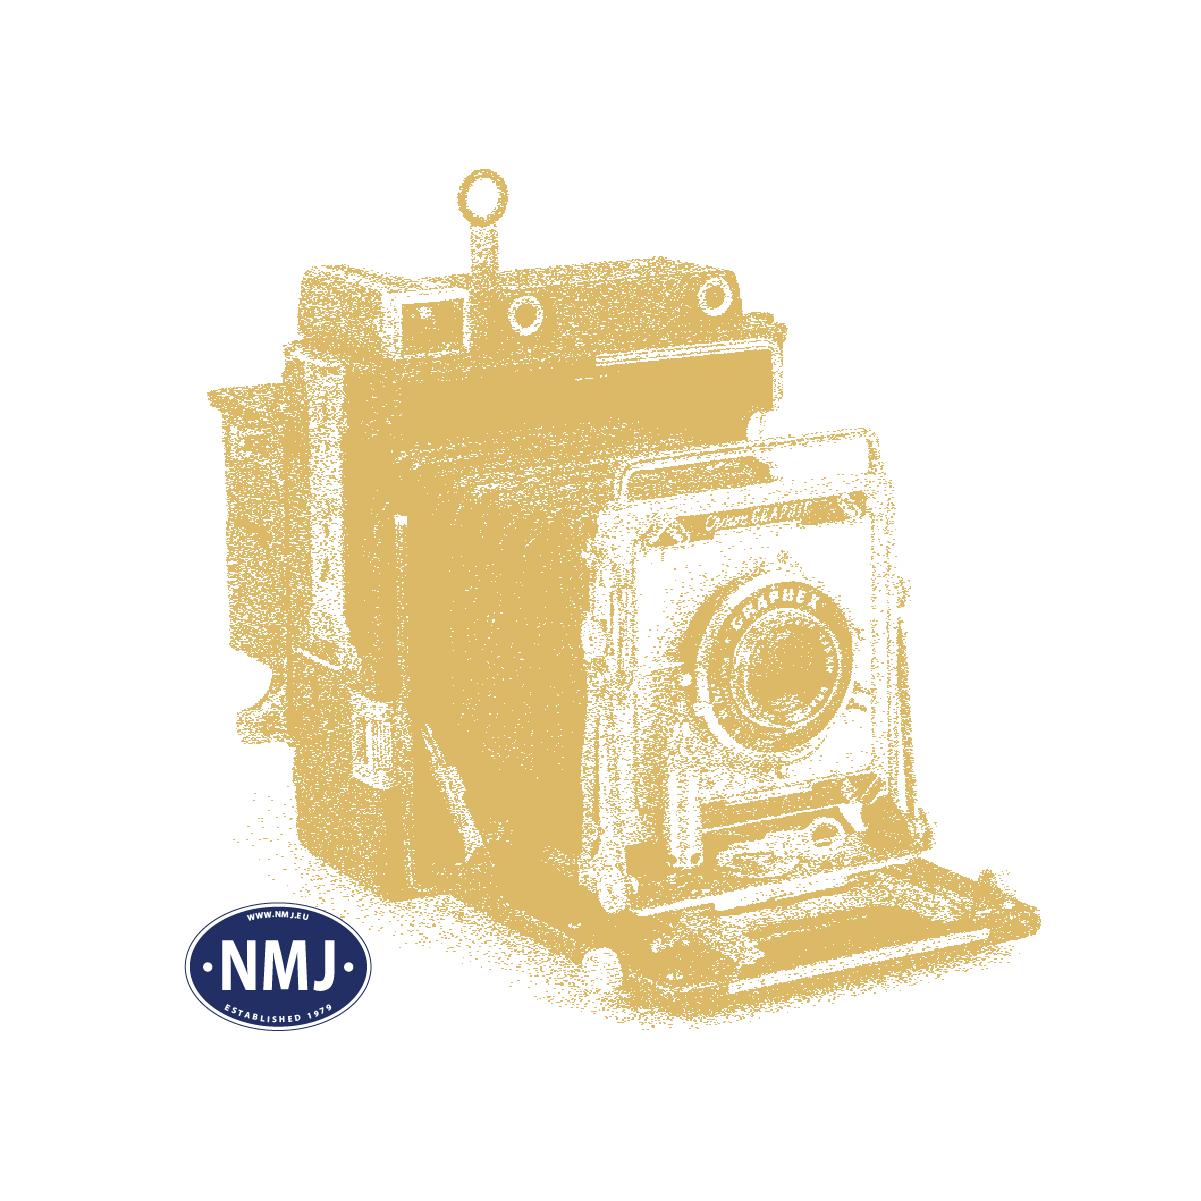 NMJT205.401 - NMJ Topline SJ B5B 4983, 2 kl. Personvogn, blå/sort design V.2